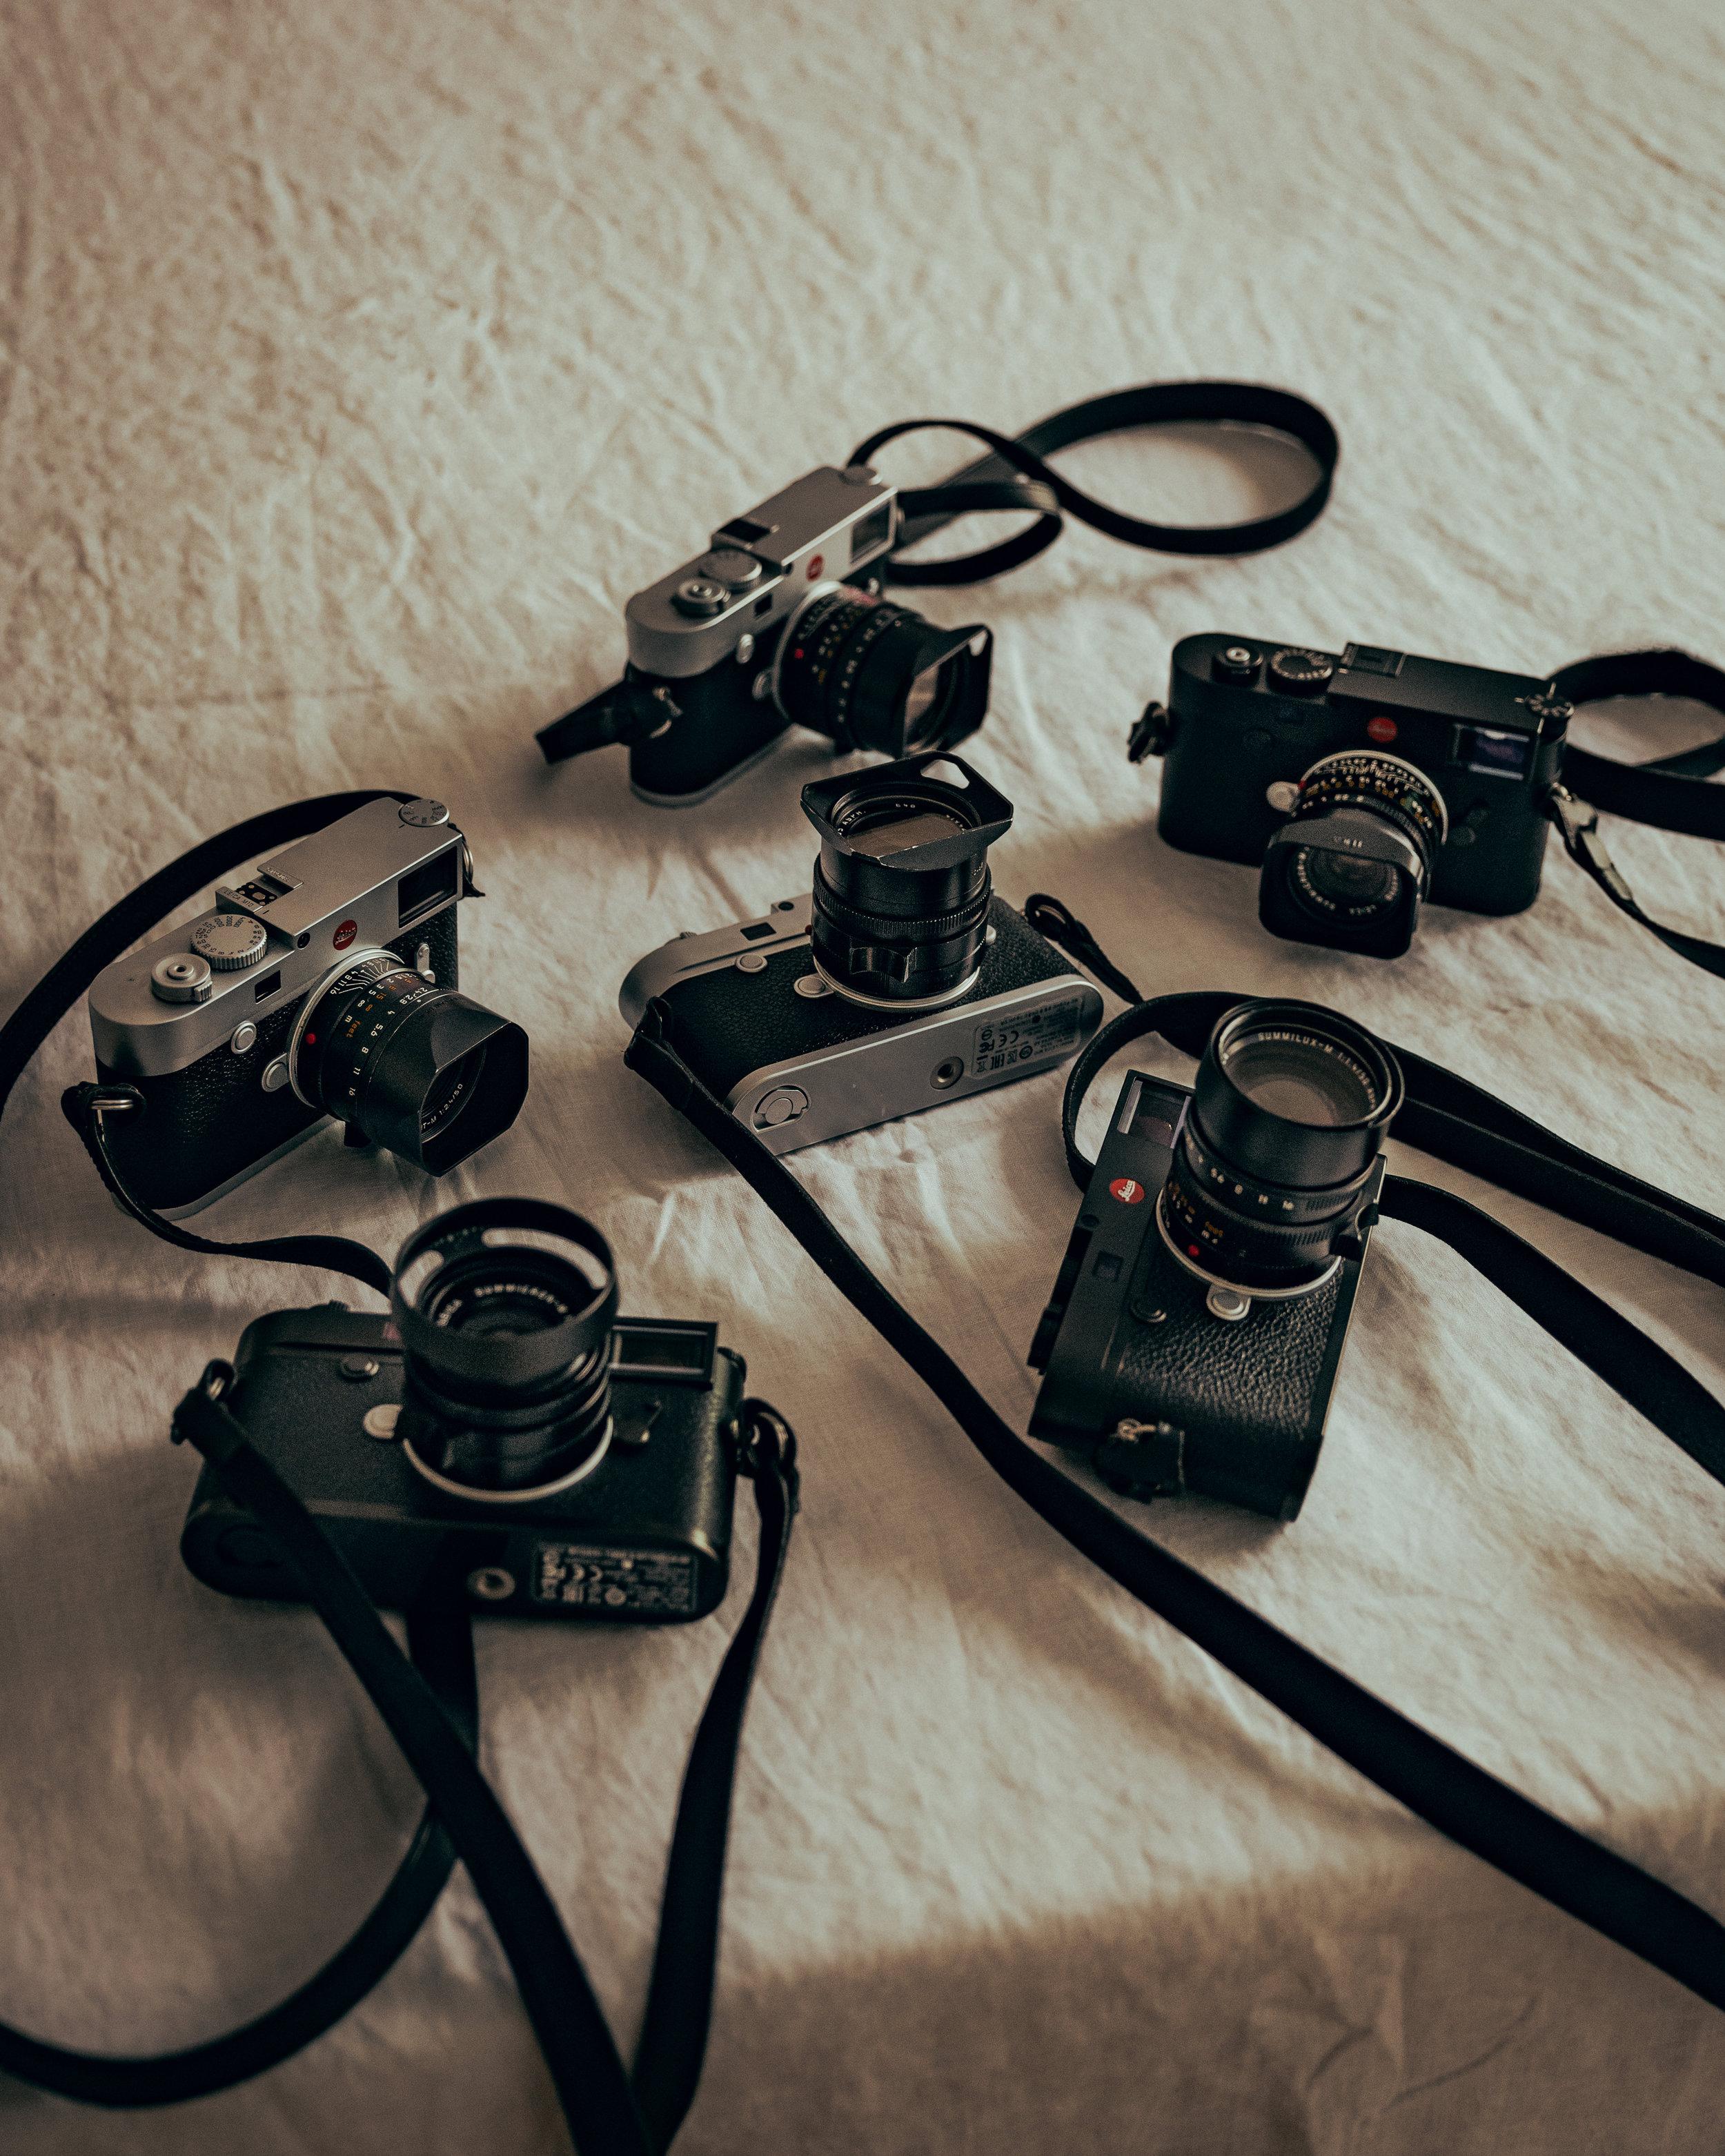 Leica M cameras